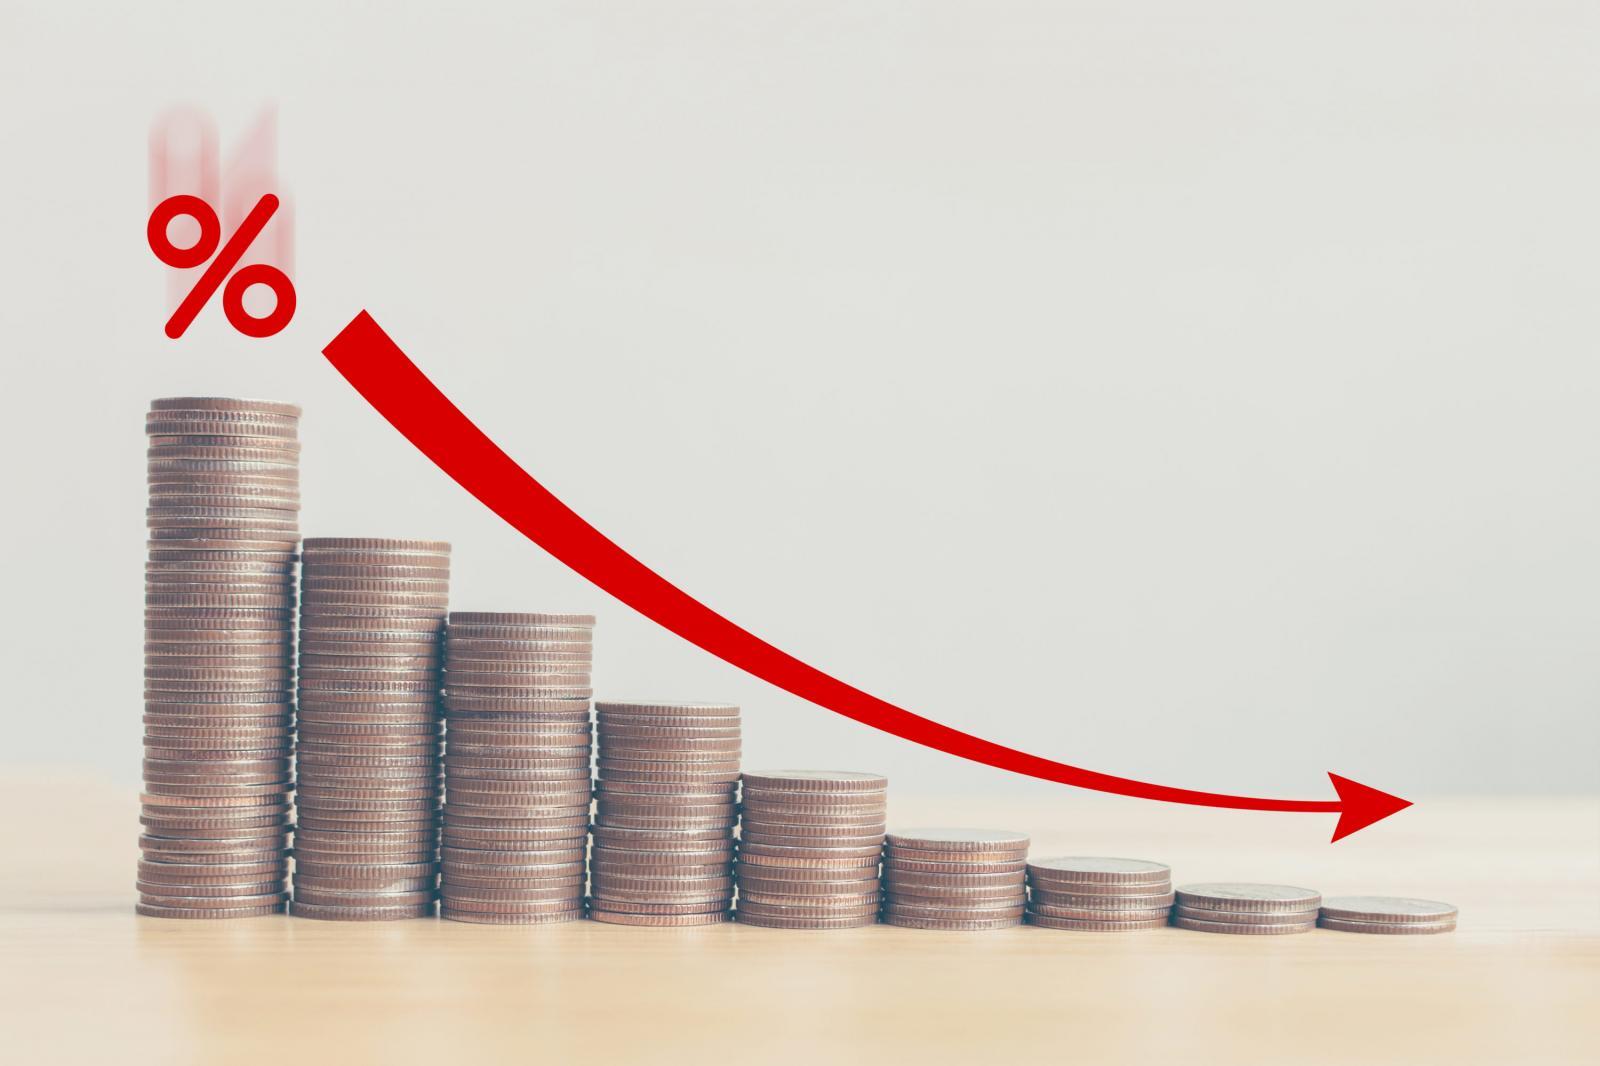 Ngân hàng sẽ xem xét việc giảm lãi suất đối với từng cá nhân, doanh nghiệp